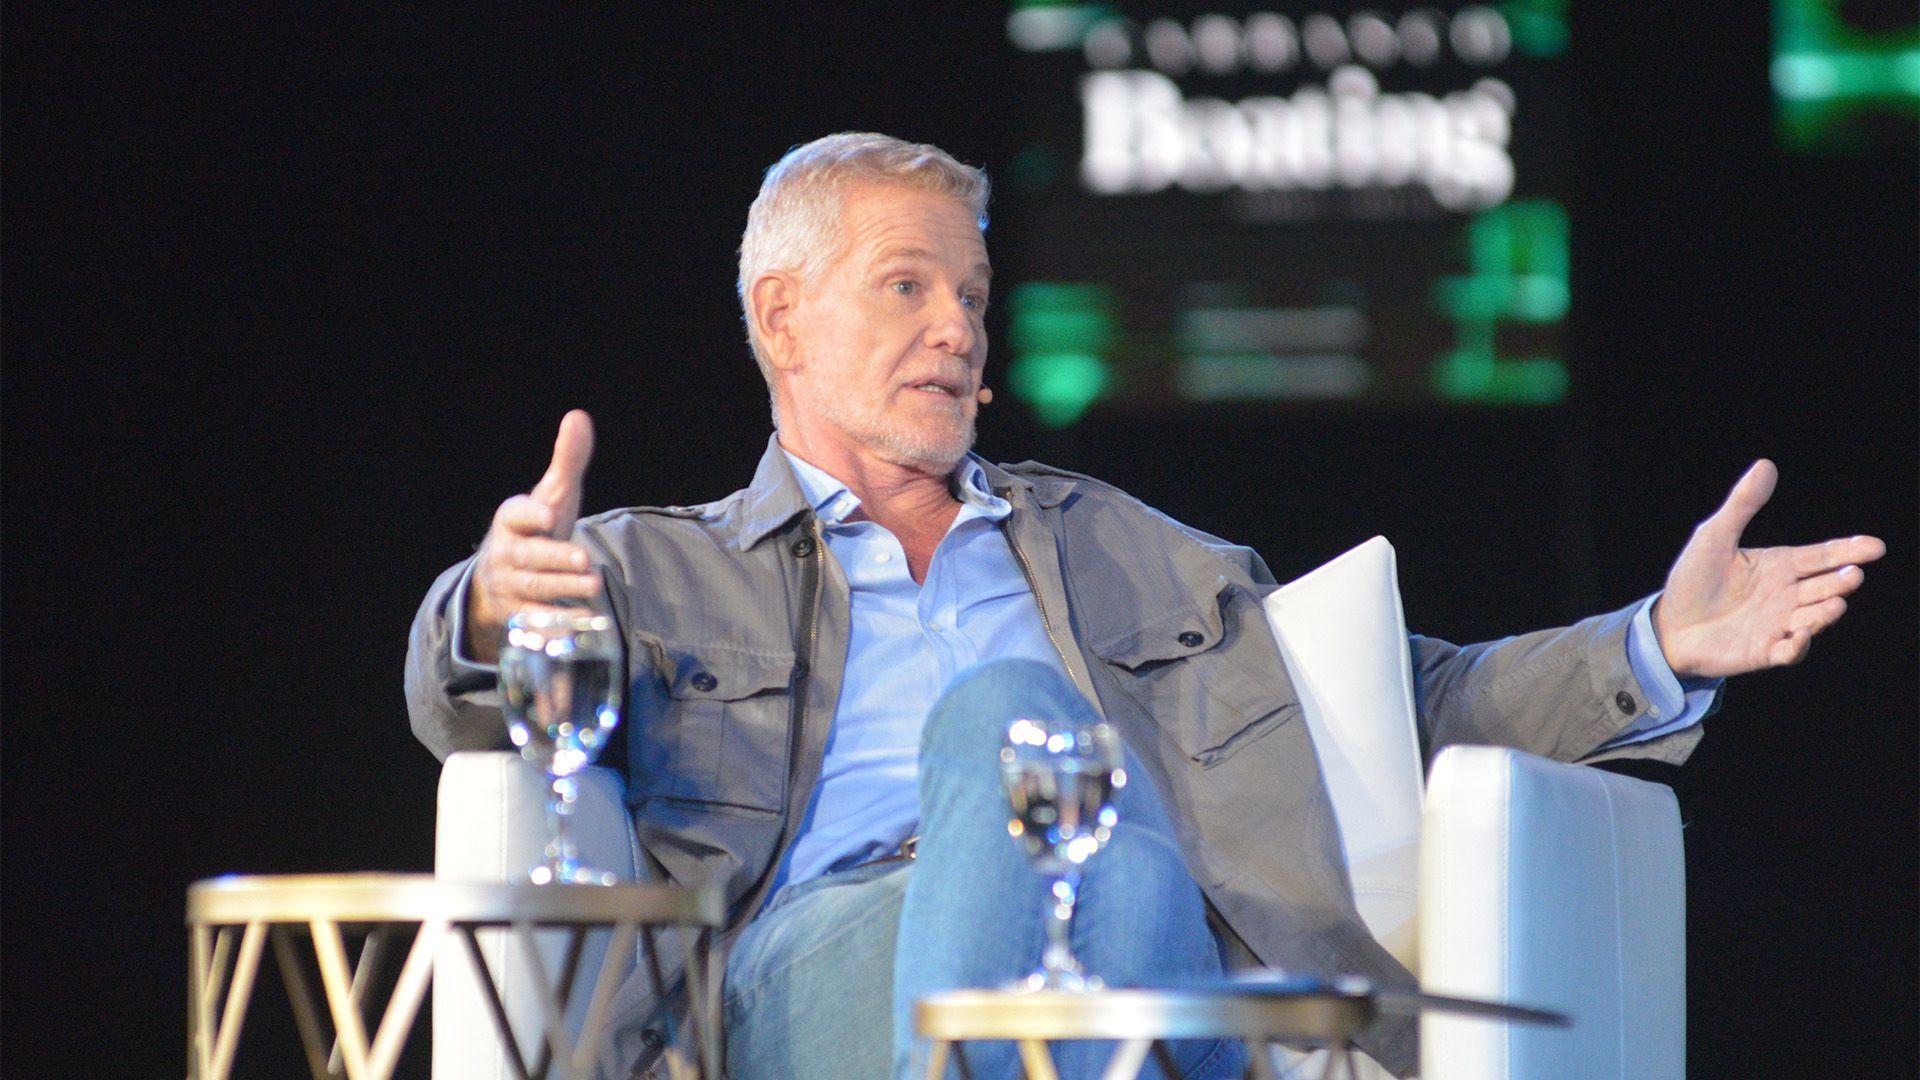 Francisco de Narváez es el nuevo dueño de la operación de Walmart en la Argentina (Marcelo Umpierrez)